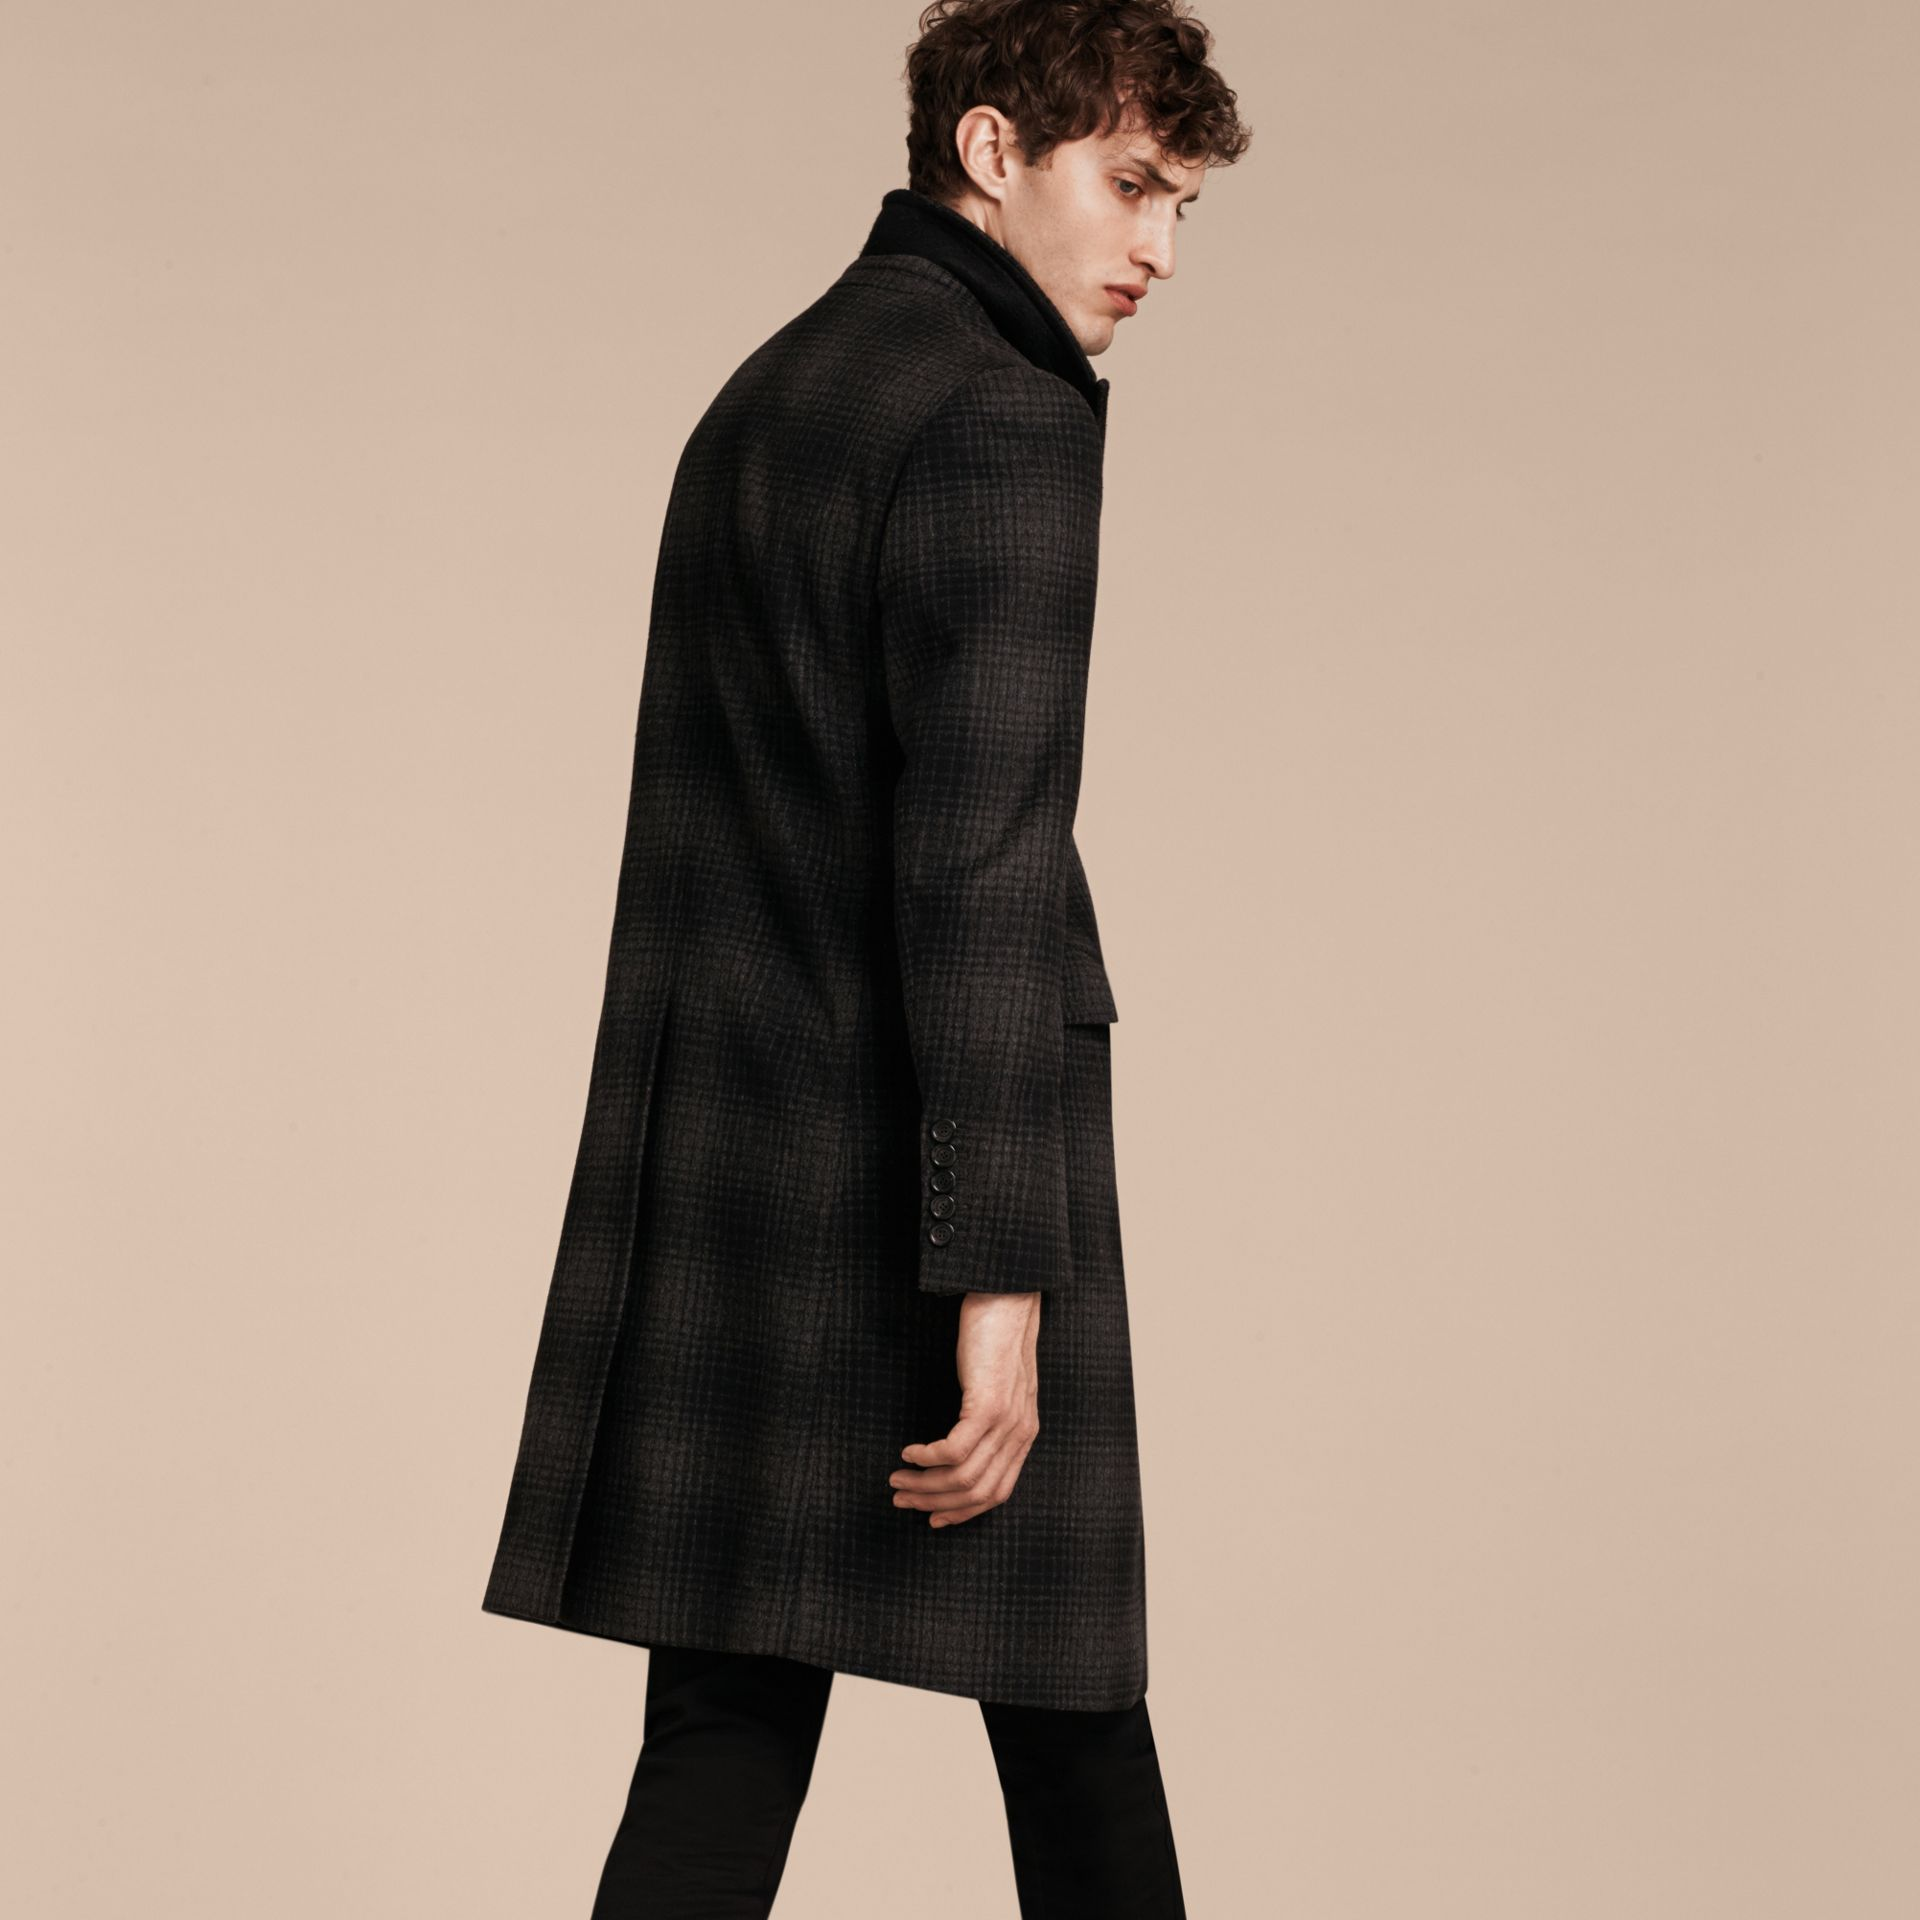 Camaïeu anthracite Manteau ajusté en laine et cachemire à motif check - photo de la galerie 3